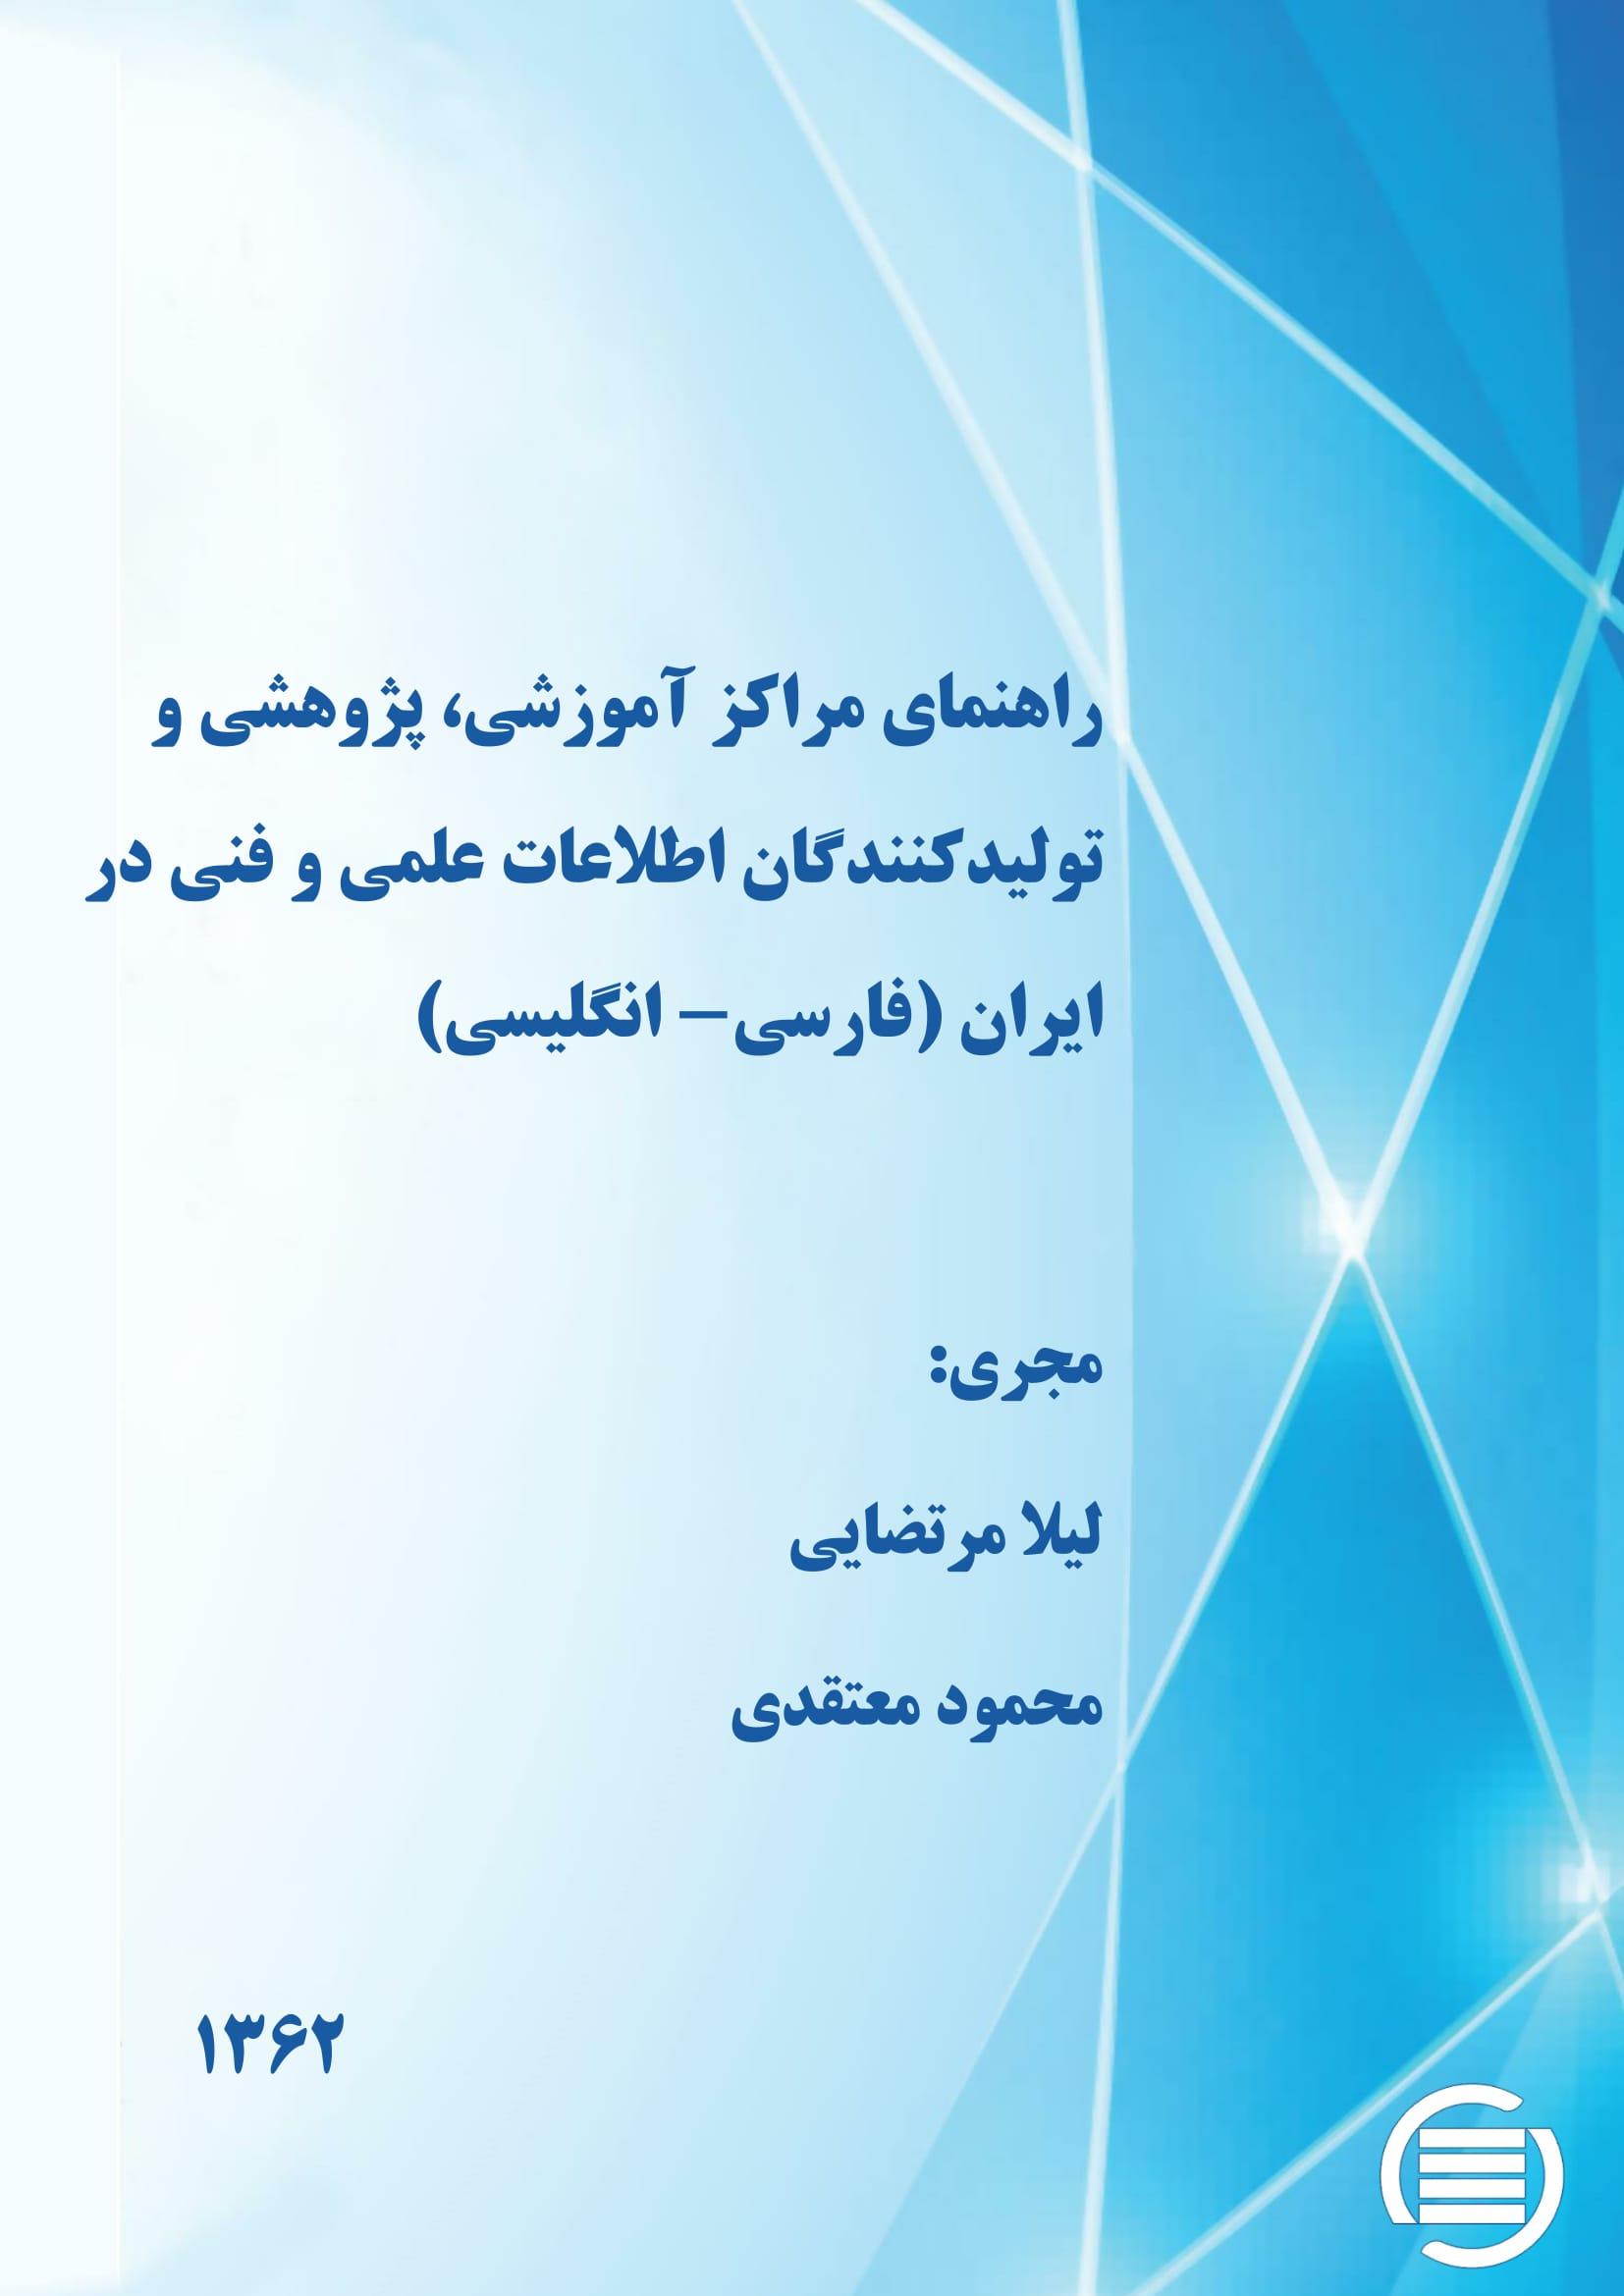 راهنمای مراکز آموزشی، پژوهشی و تولیدکنندگان اطلاعات علمی و فنی در ایران (فارسی- انگلیسی)